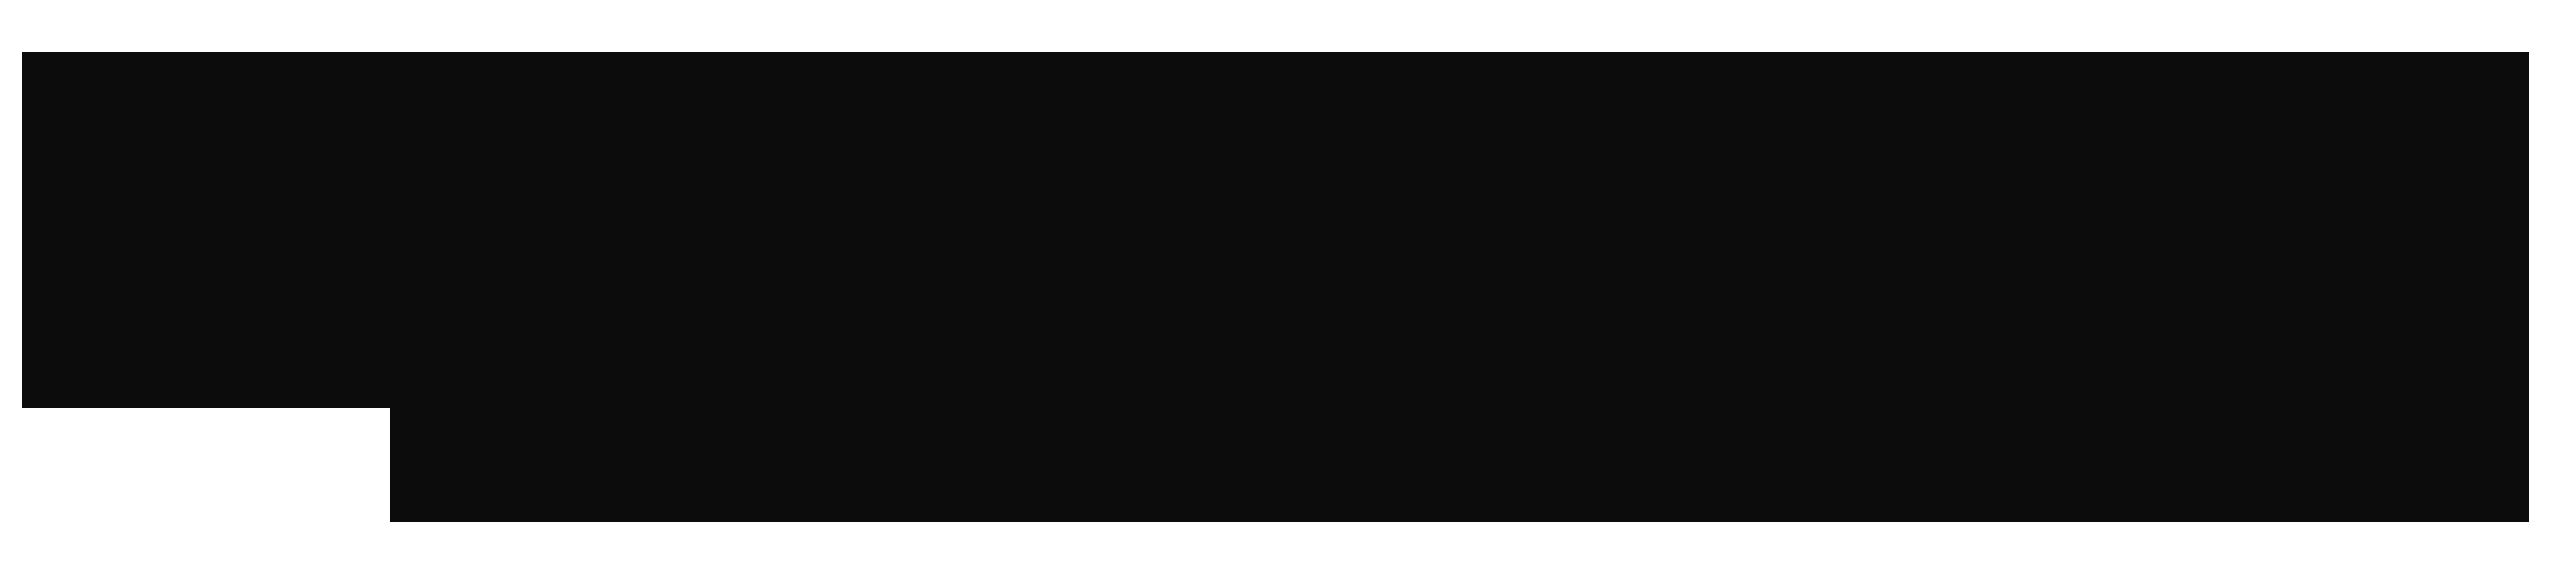 CANACINTRA-CANACINTRA es la Organización de Empresas Industriales más importante de México teniendo como objetivo primordial el desarrollo industrial del país, proyectando al sector hacia un sólido posicionamiento en las cadenas de valor globales a través de la representatividad de nuestros afiliados y los servicios adicionales brindados por Nuestra Casa Industrial.